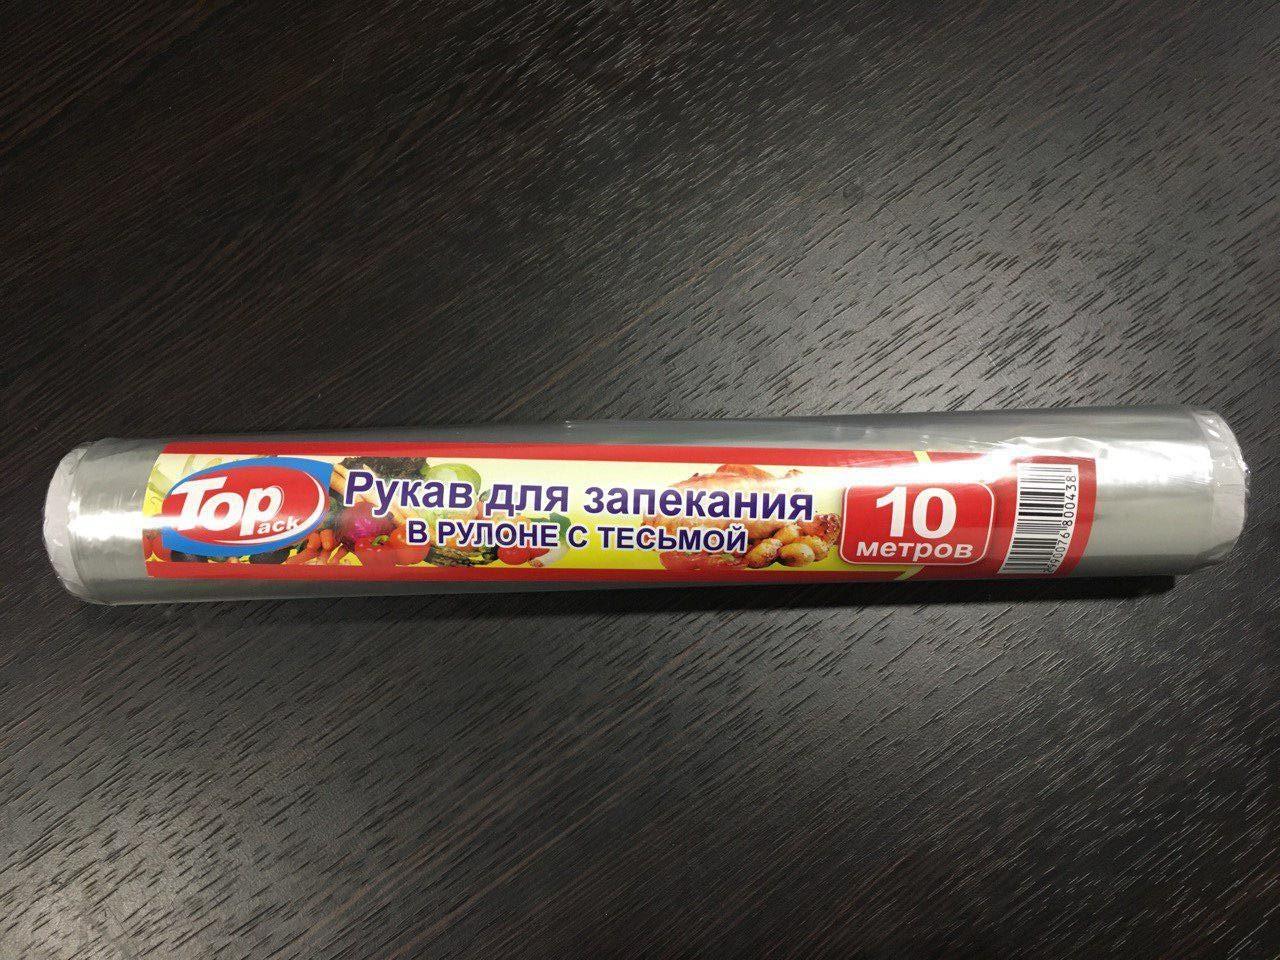 Рукав для запікання в рулоні з тасьмою 10 м (7м намот)